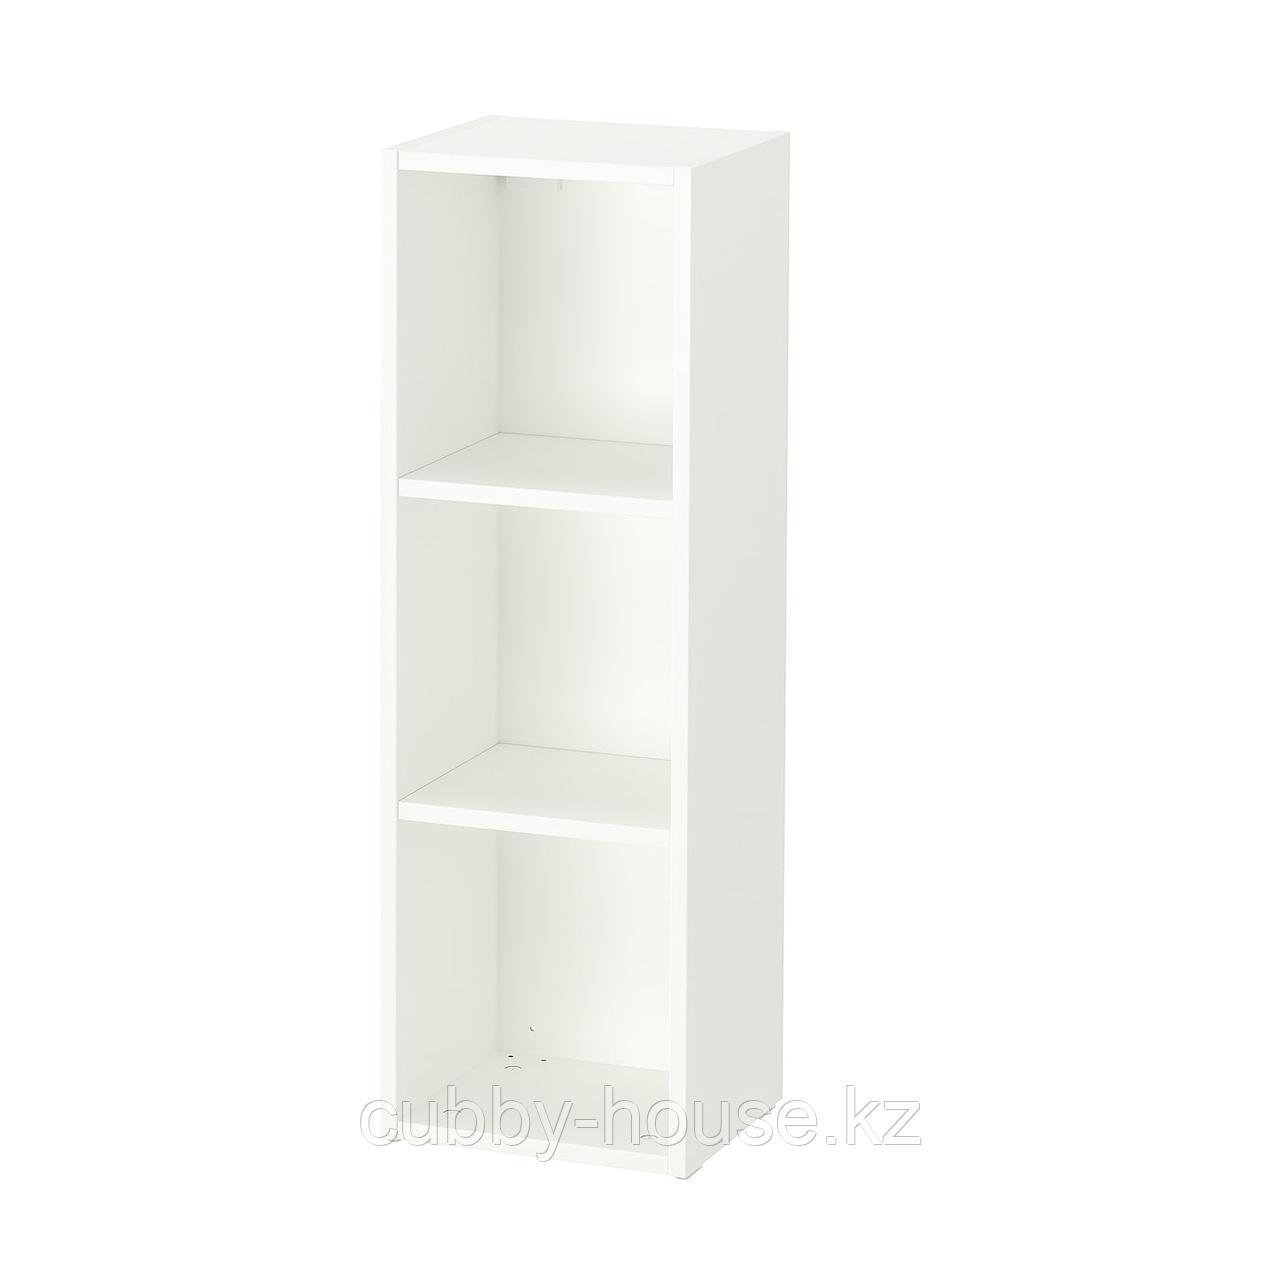 СМОГЁРА Полочный модуль, белый, 29x88 см